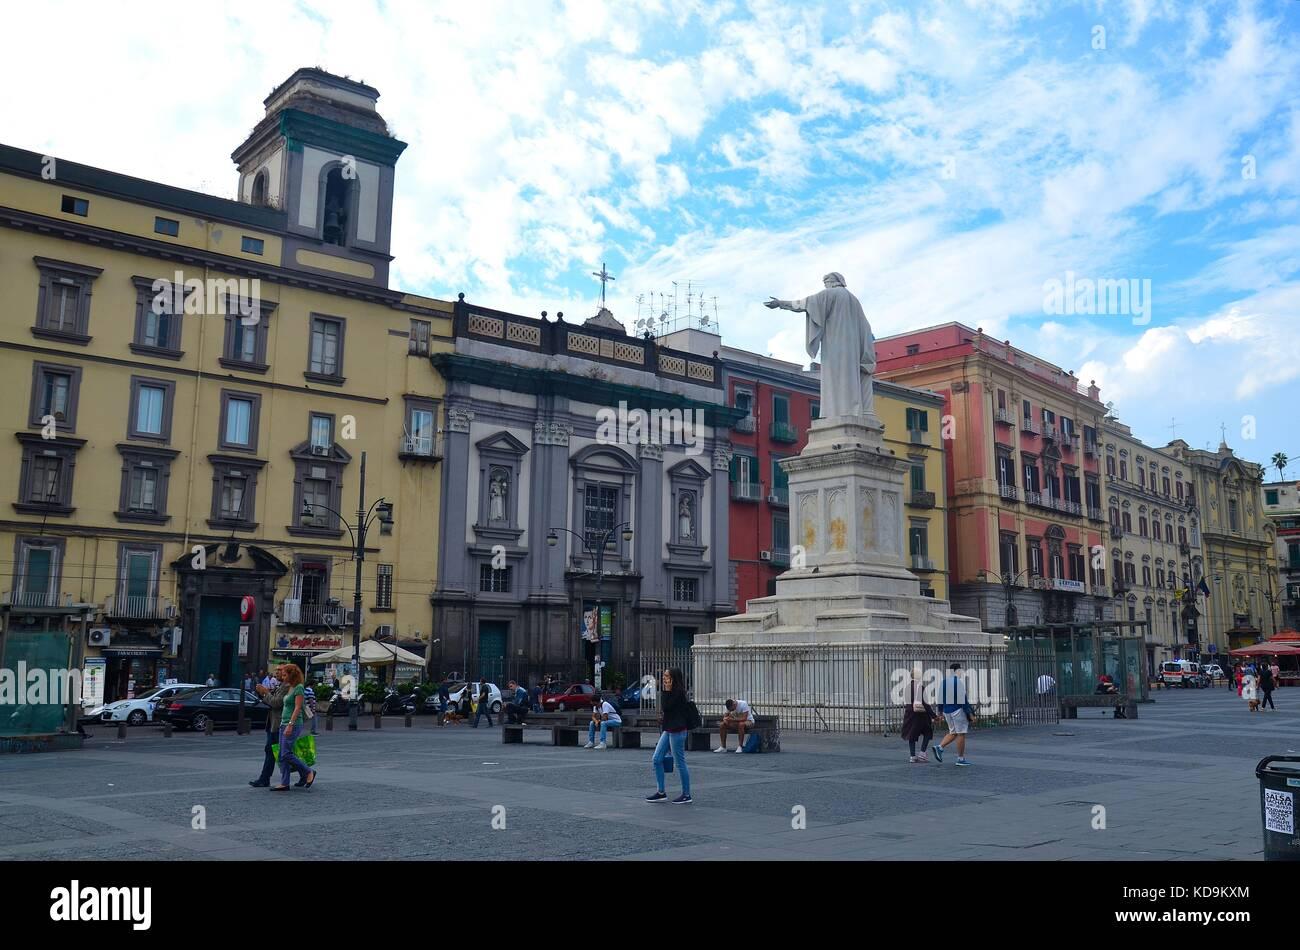 Neapel, Innenstadt - Stock Image